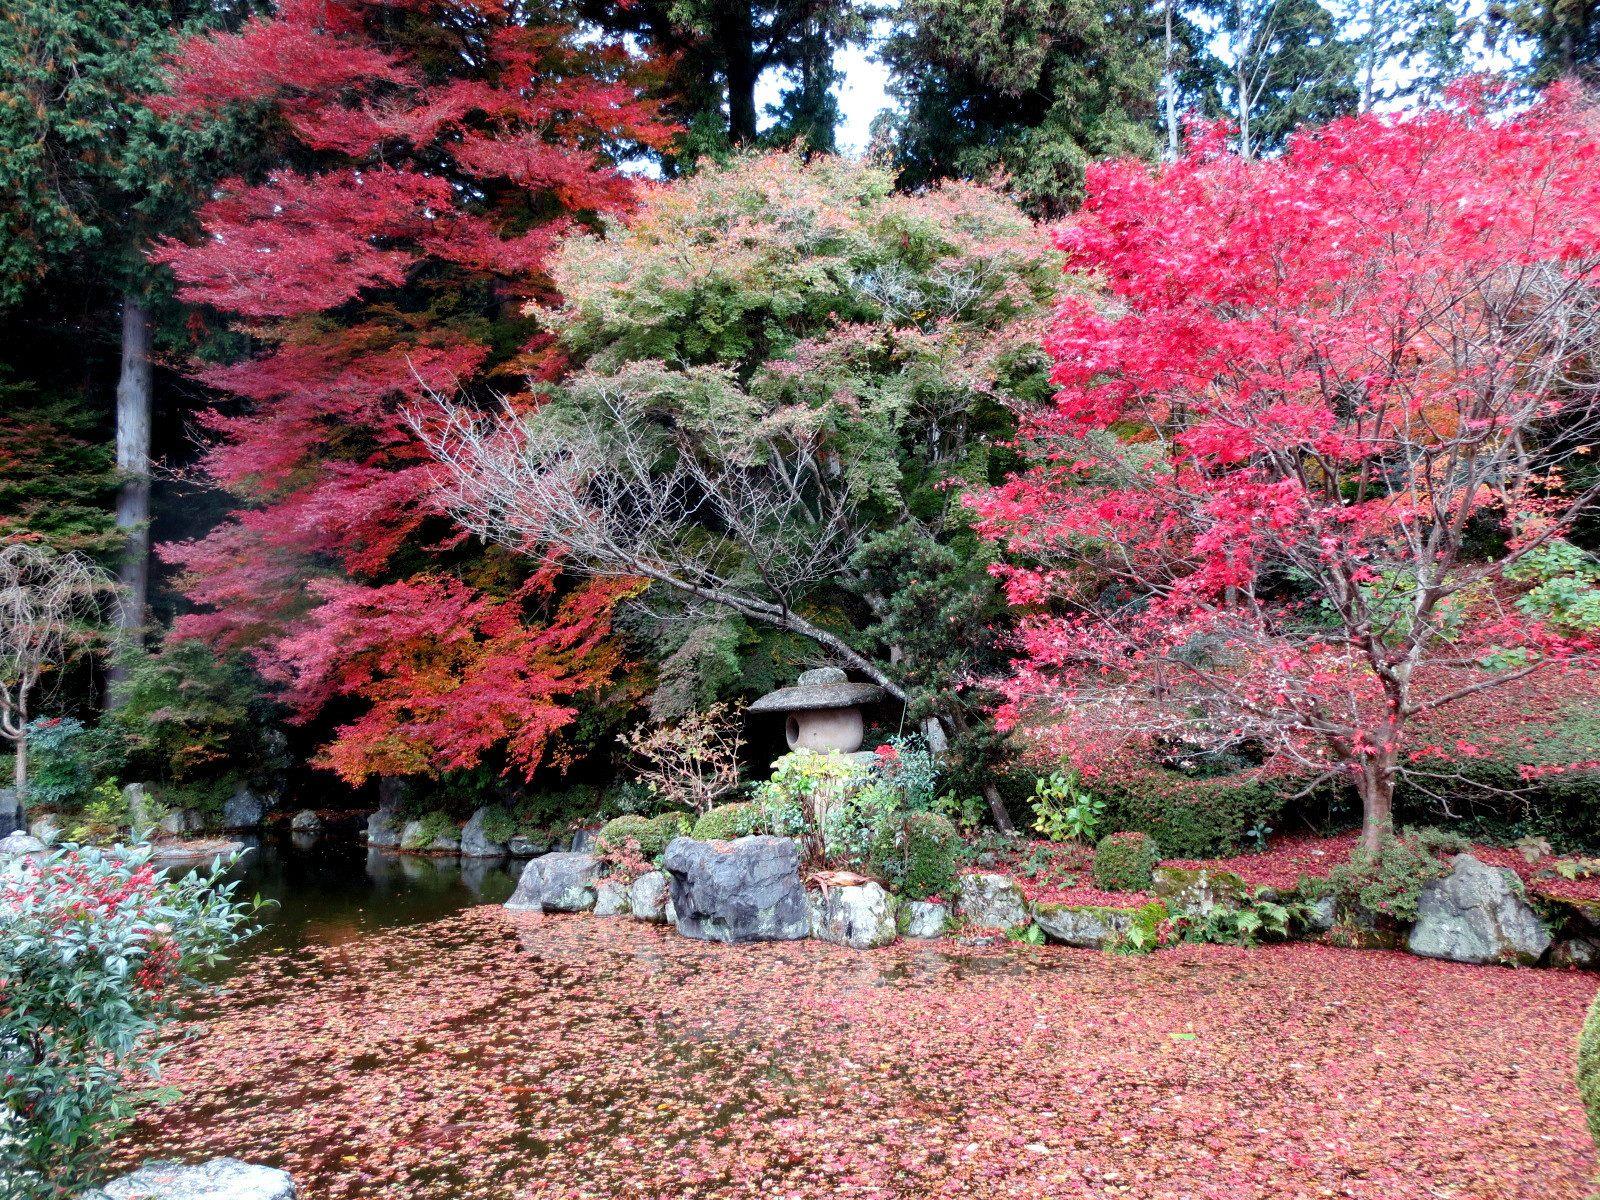 青莲瀑布 池塘里满是红叶